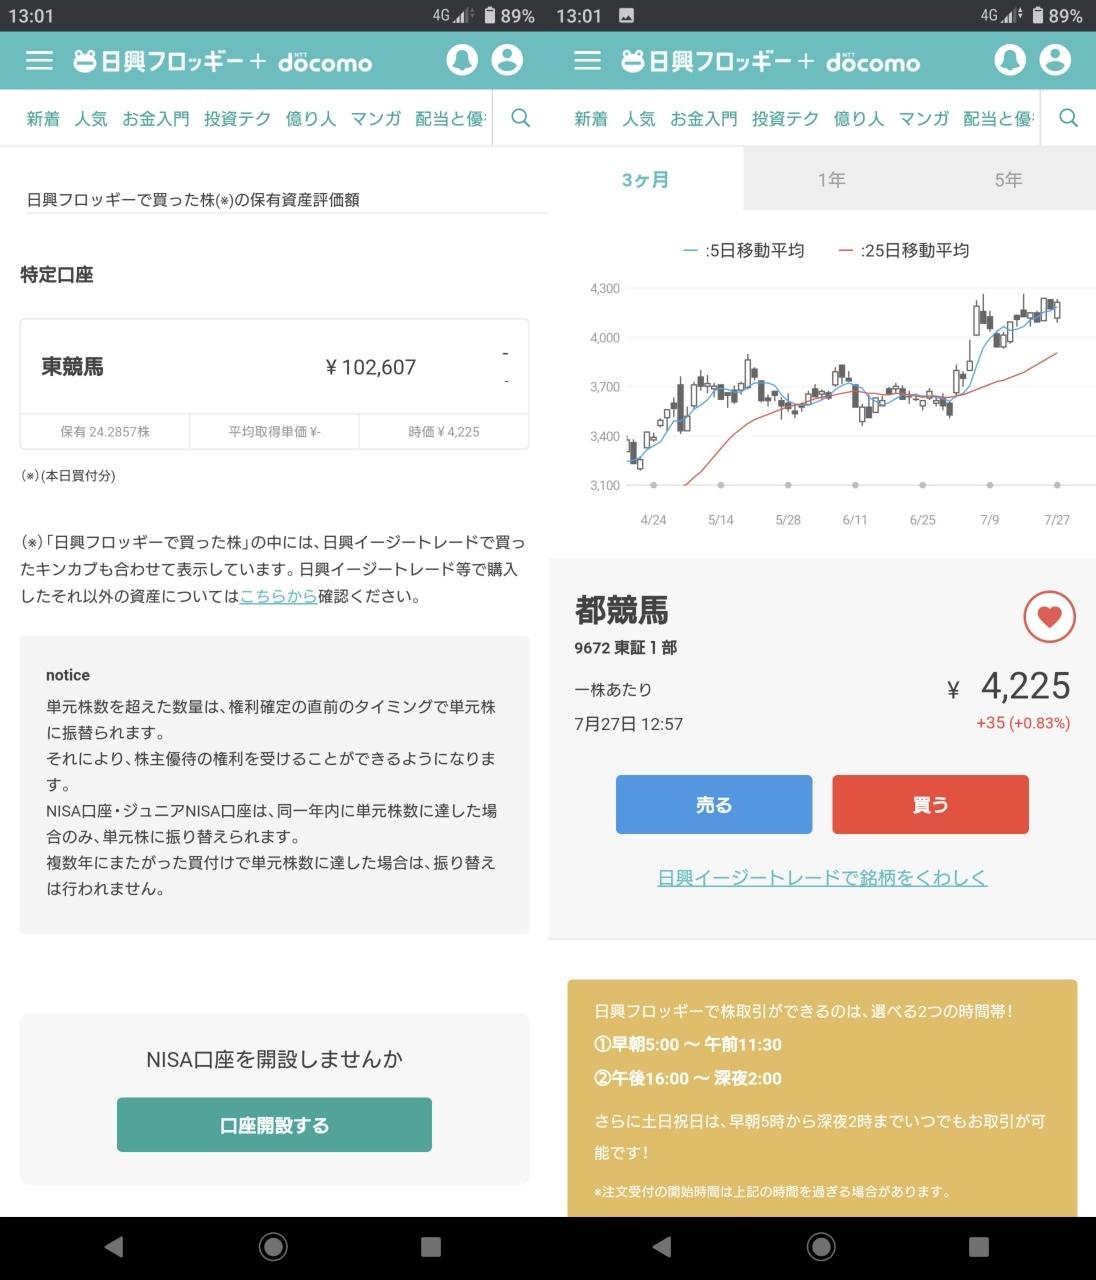 日興 トレード smbc 証券 イージー